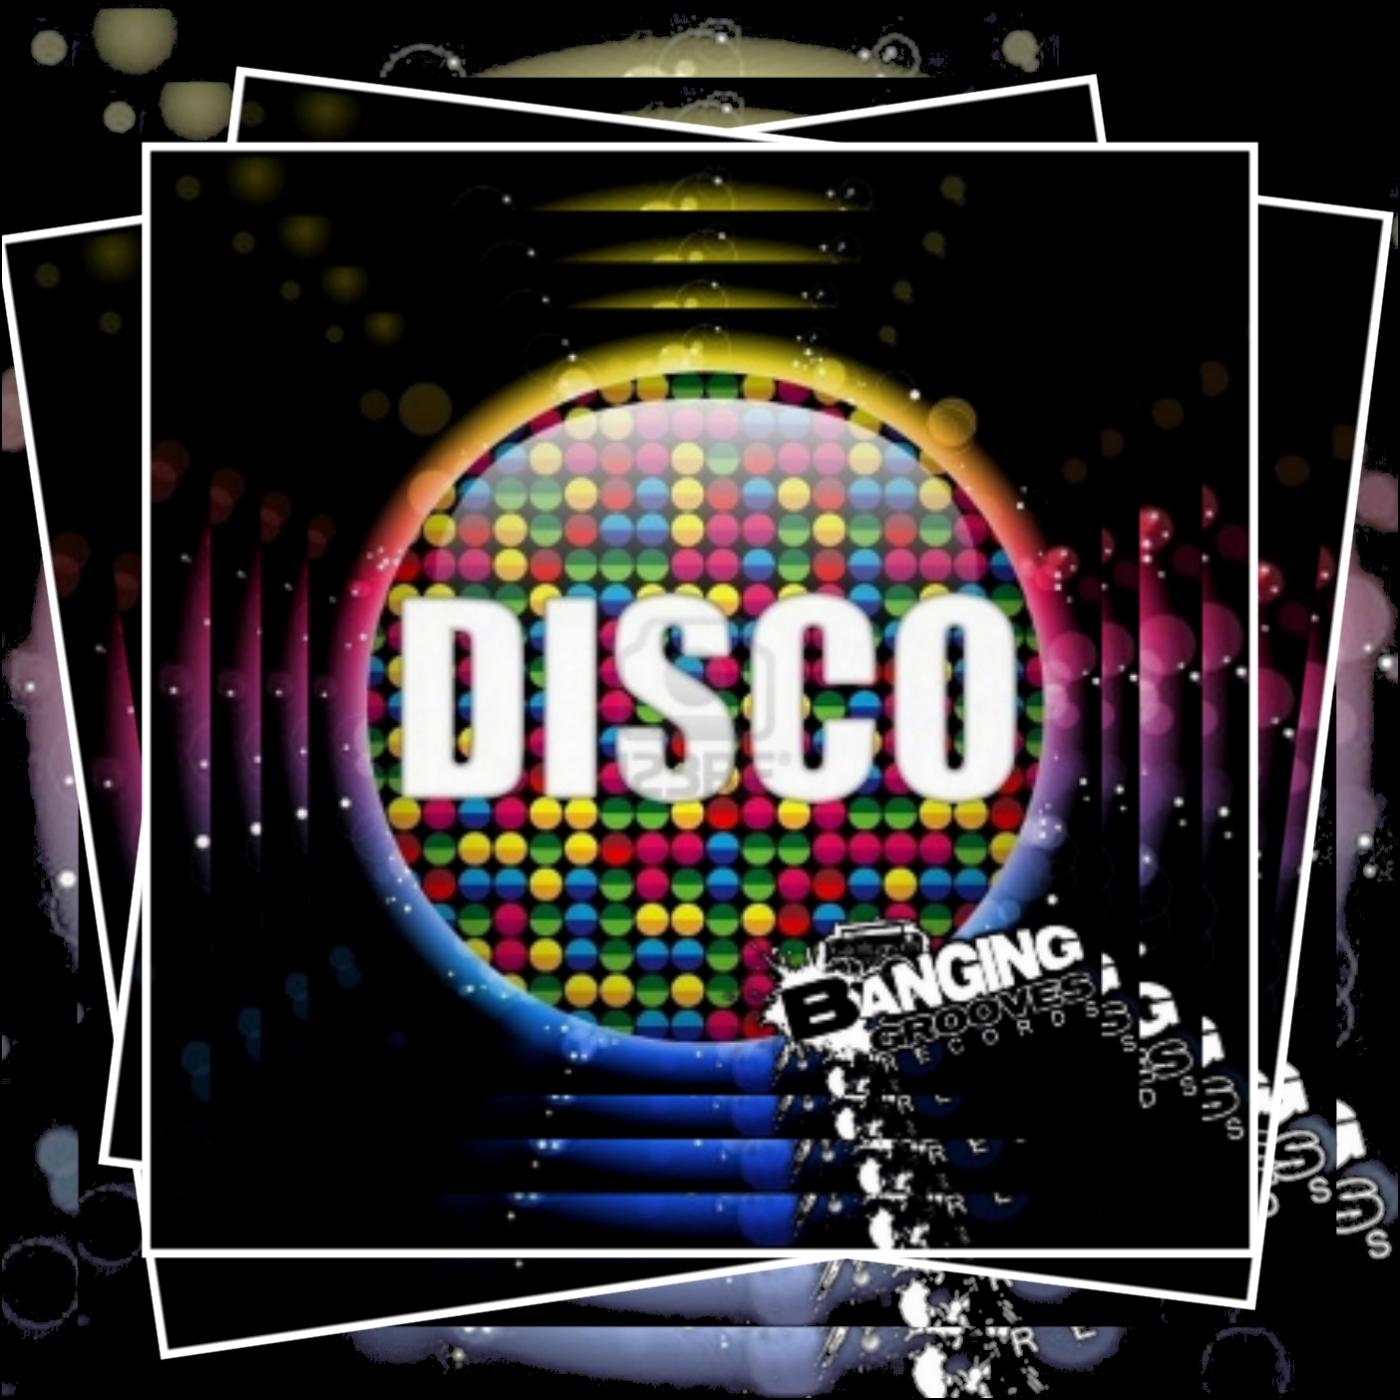 DJ Funsko - Funsko Kiss (Original Mix)